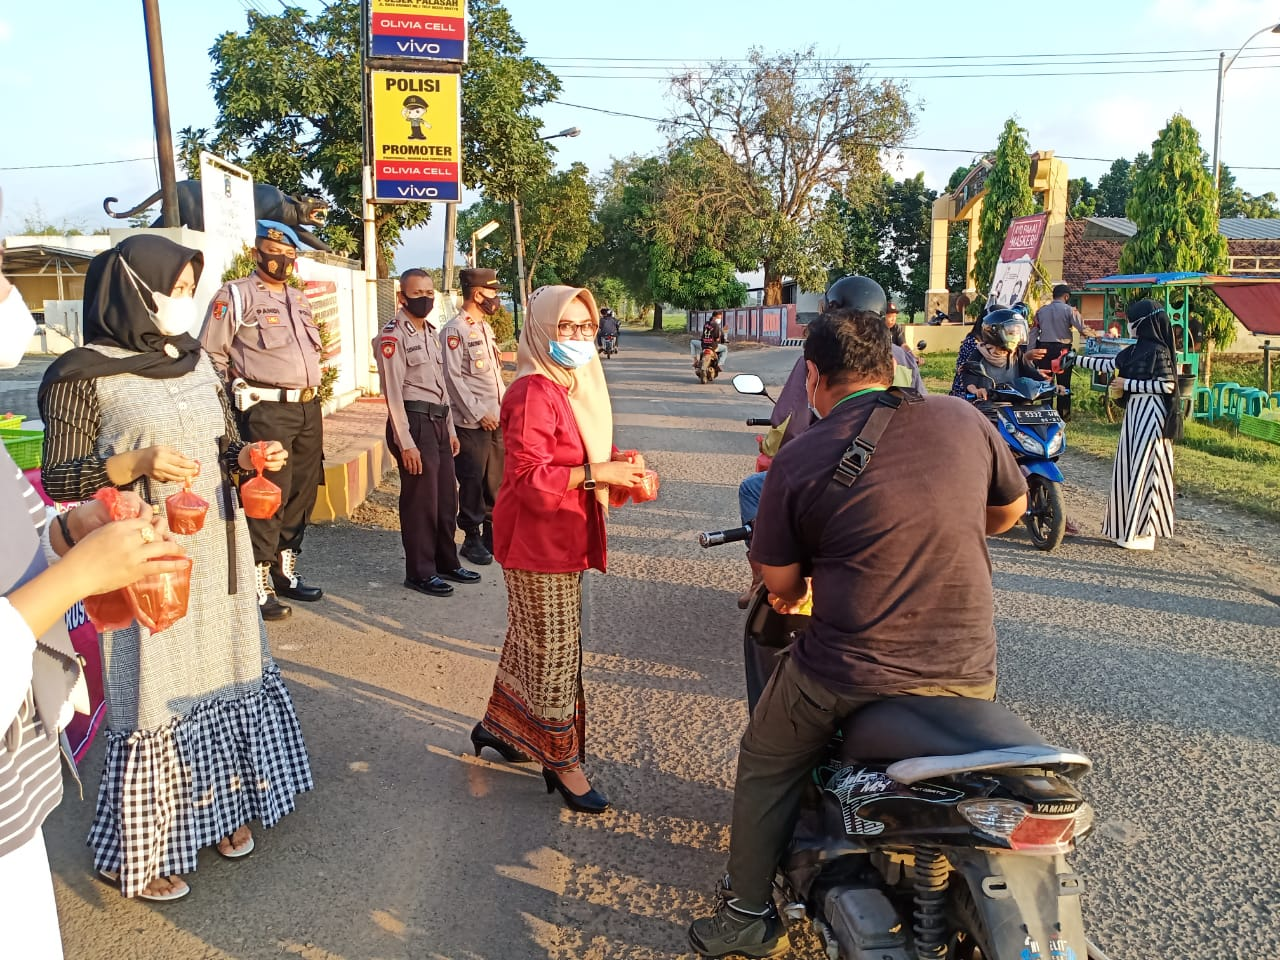 Bhayangkari Ranting Polsek Palasah Polres Majalengka membagikan takjil kepada pengendara baik roda dua maupun roda empat yang melintas bertempat di Simpang jalan raya Kecamatan Palasah tepatnya depan Polsek Palasah, Rabu (21/4/21).